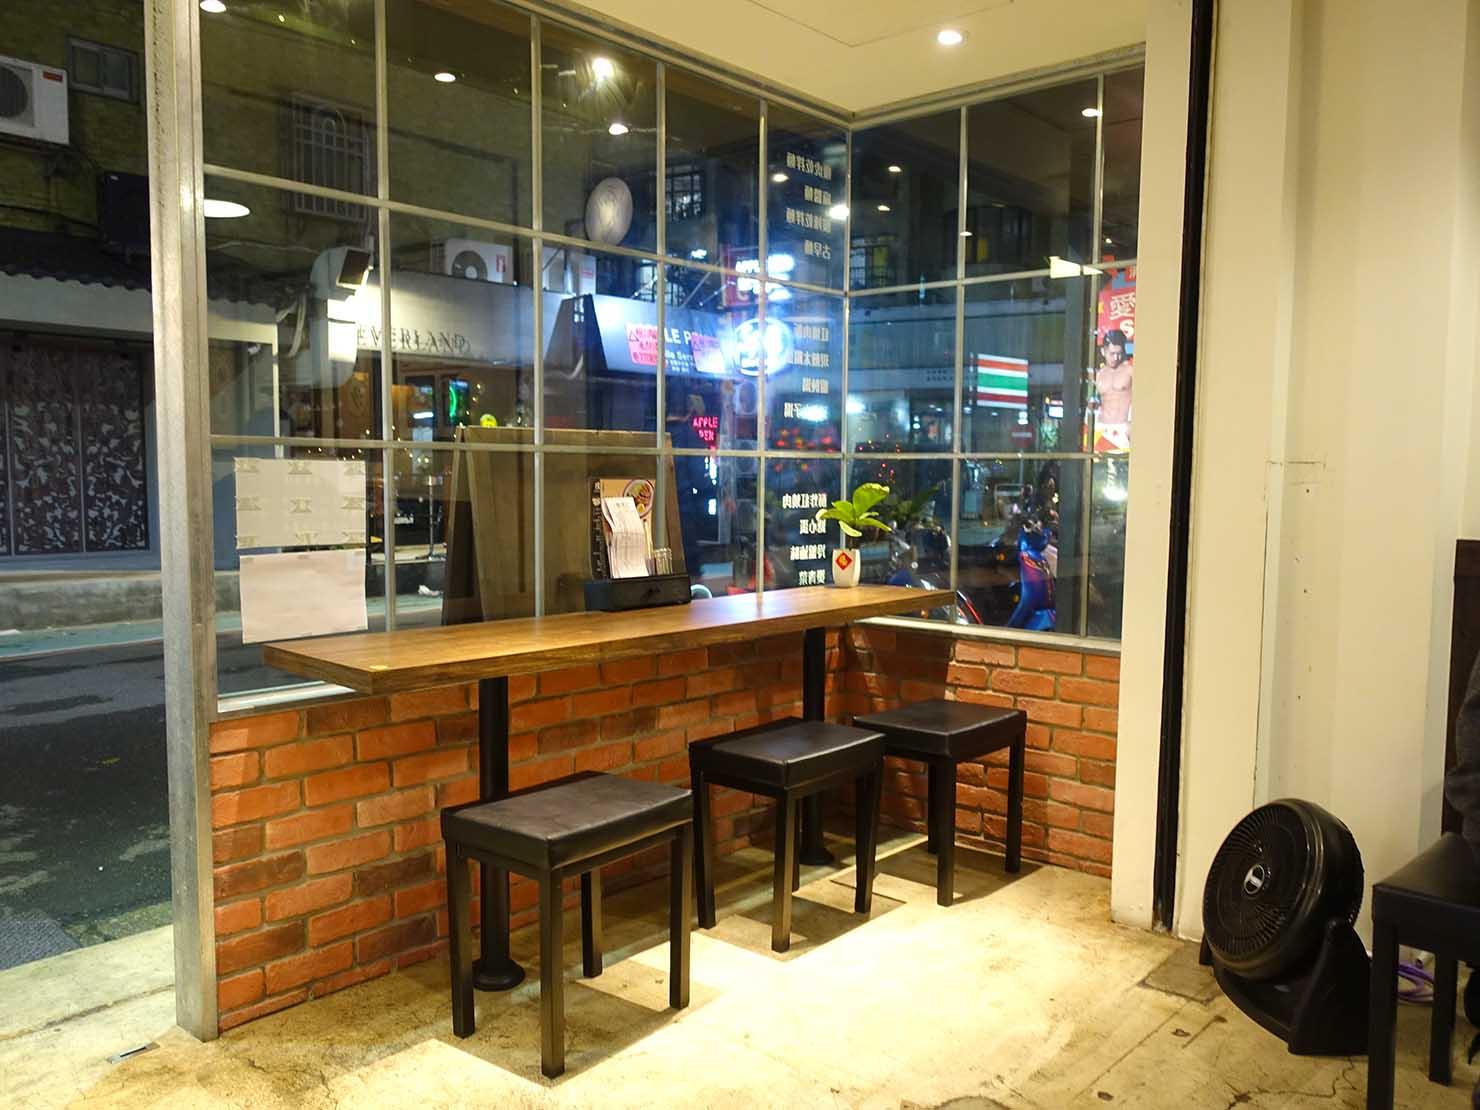 台北・忠孝敦化駅(東區)のおすすめグルメ店「瘦虎麵屋」のカウンター席